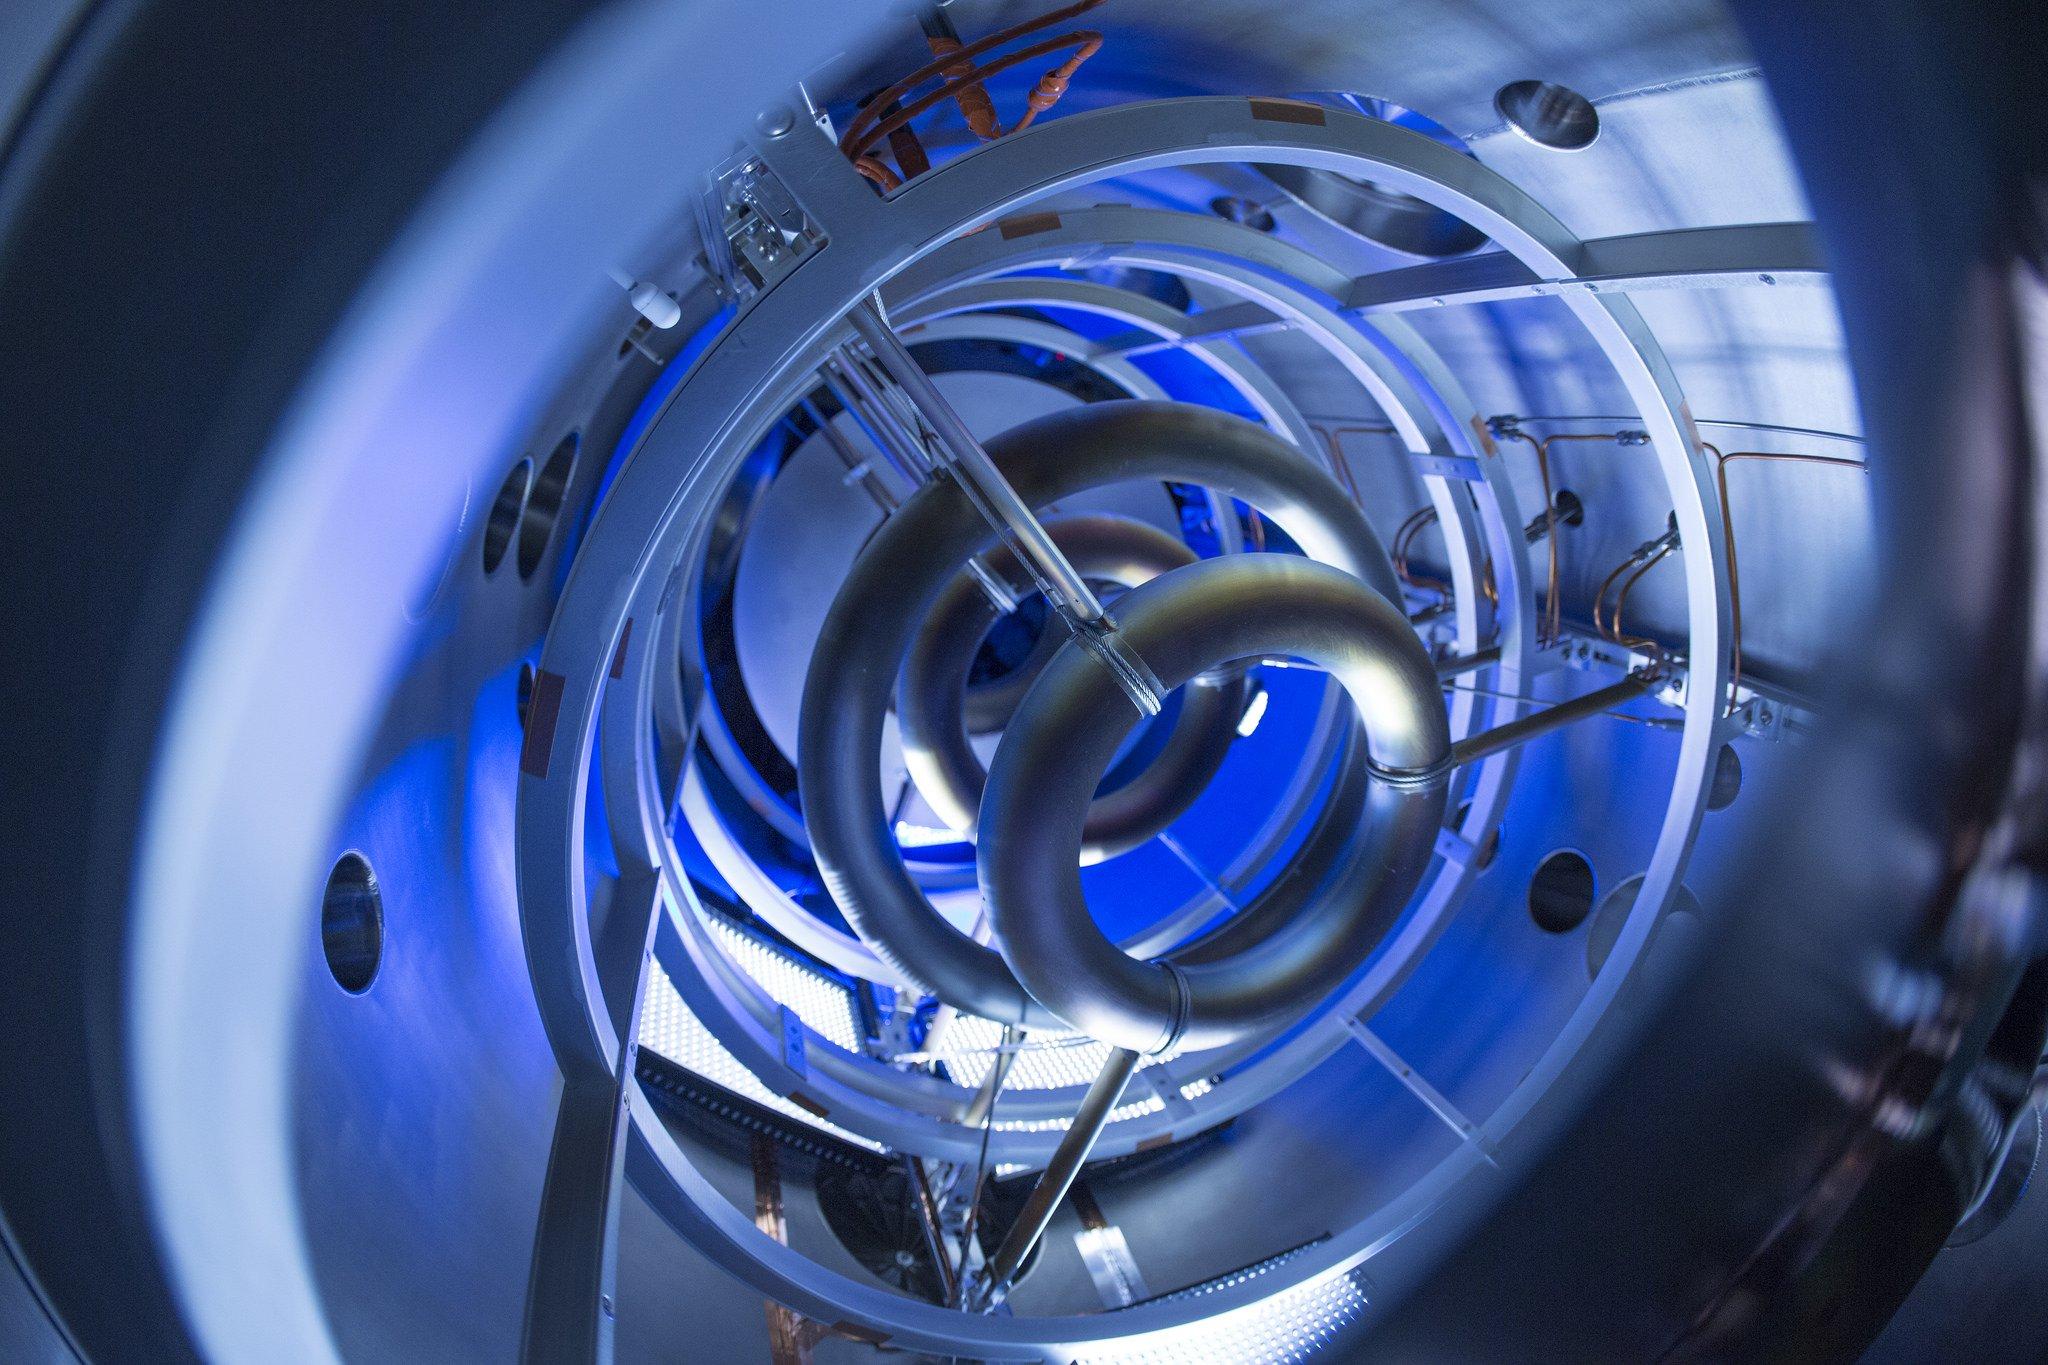 Blick in den Fusionsreaktor von Lockheed Martin: Spulen im Inneren des Reaktors sollen das Plasma in Schach halten.